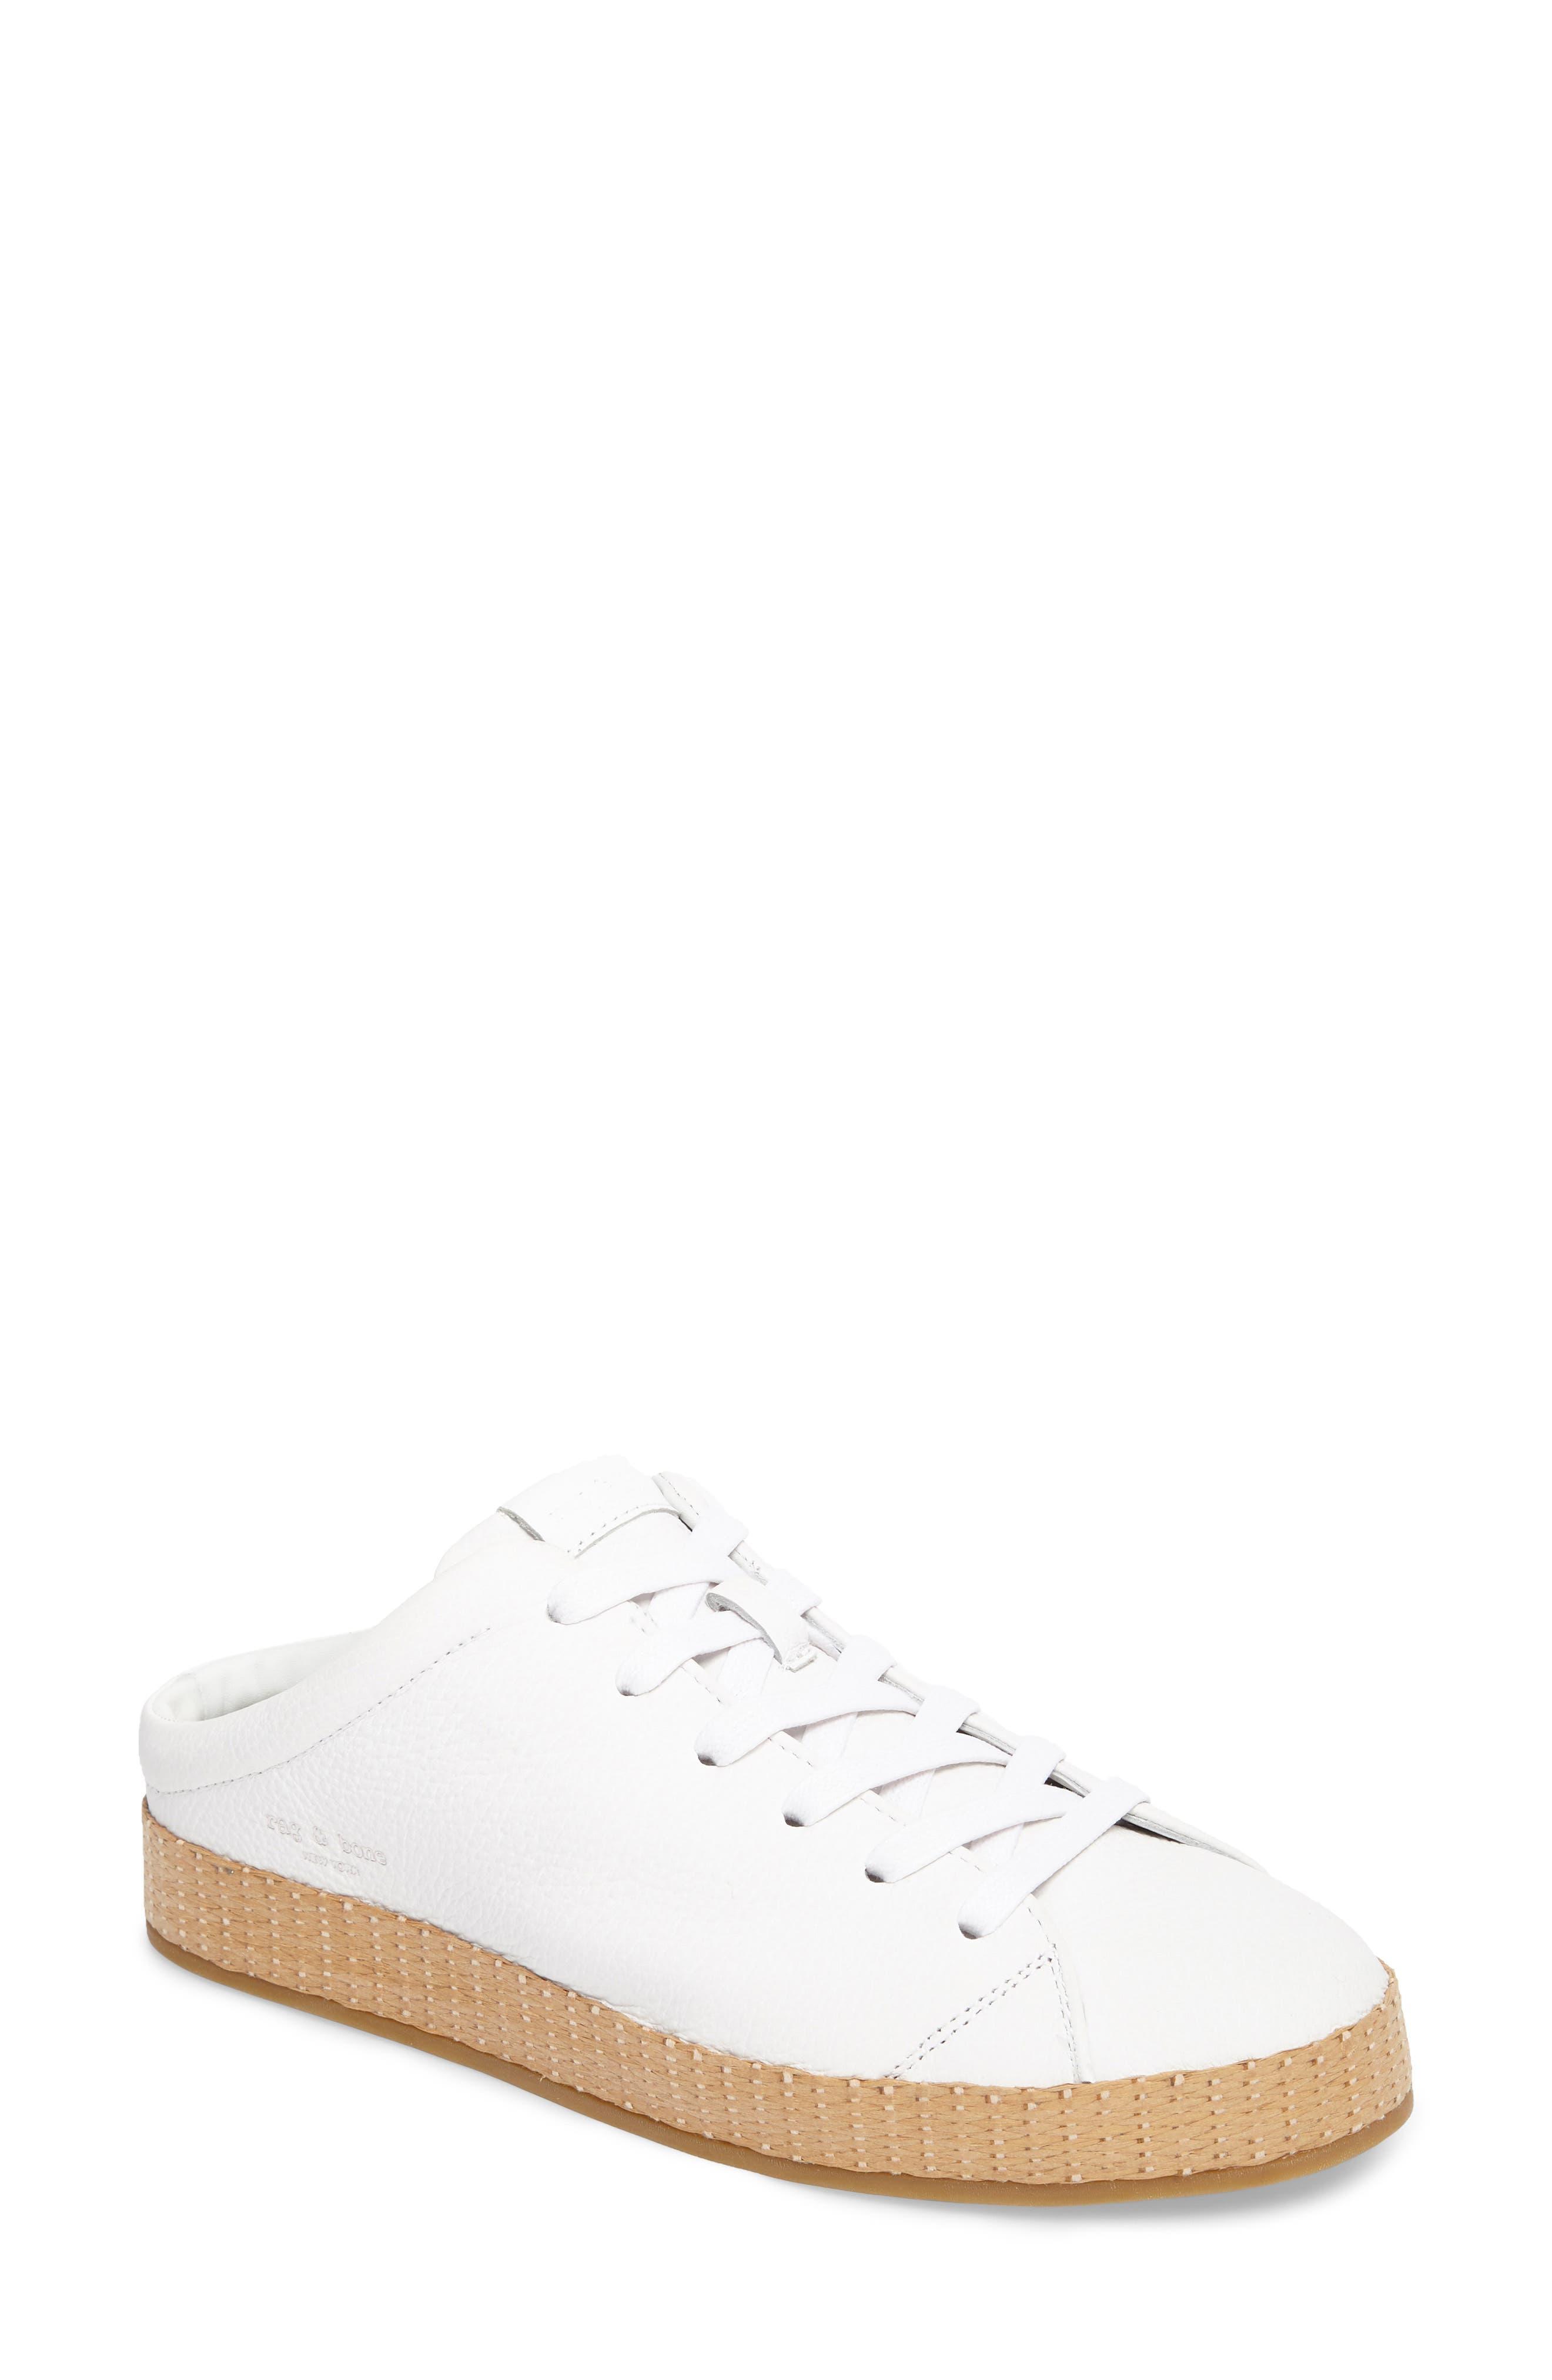 RB1 Slip-On Sneaker,                             Main thumbnail 3, color,